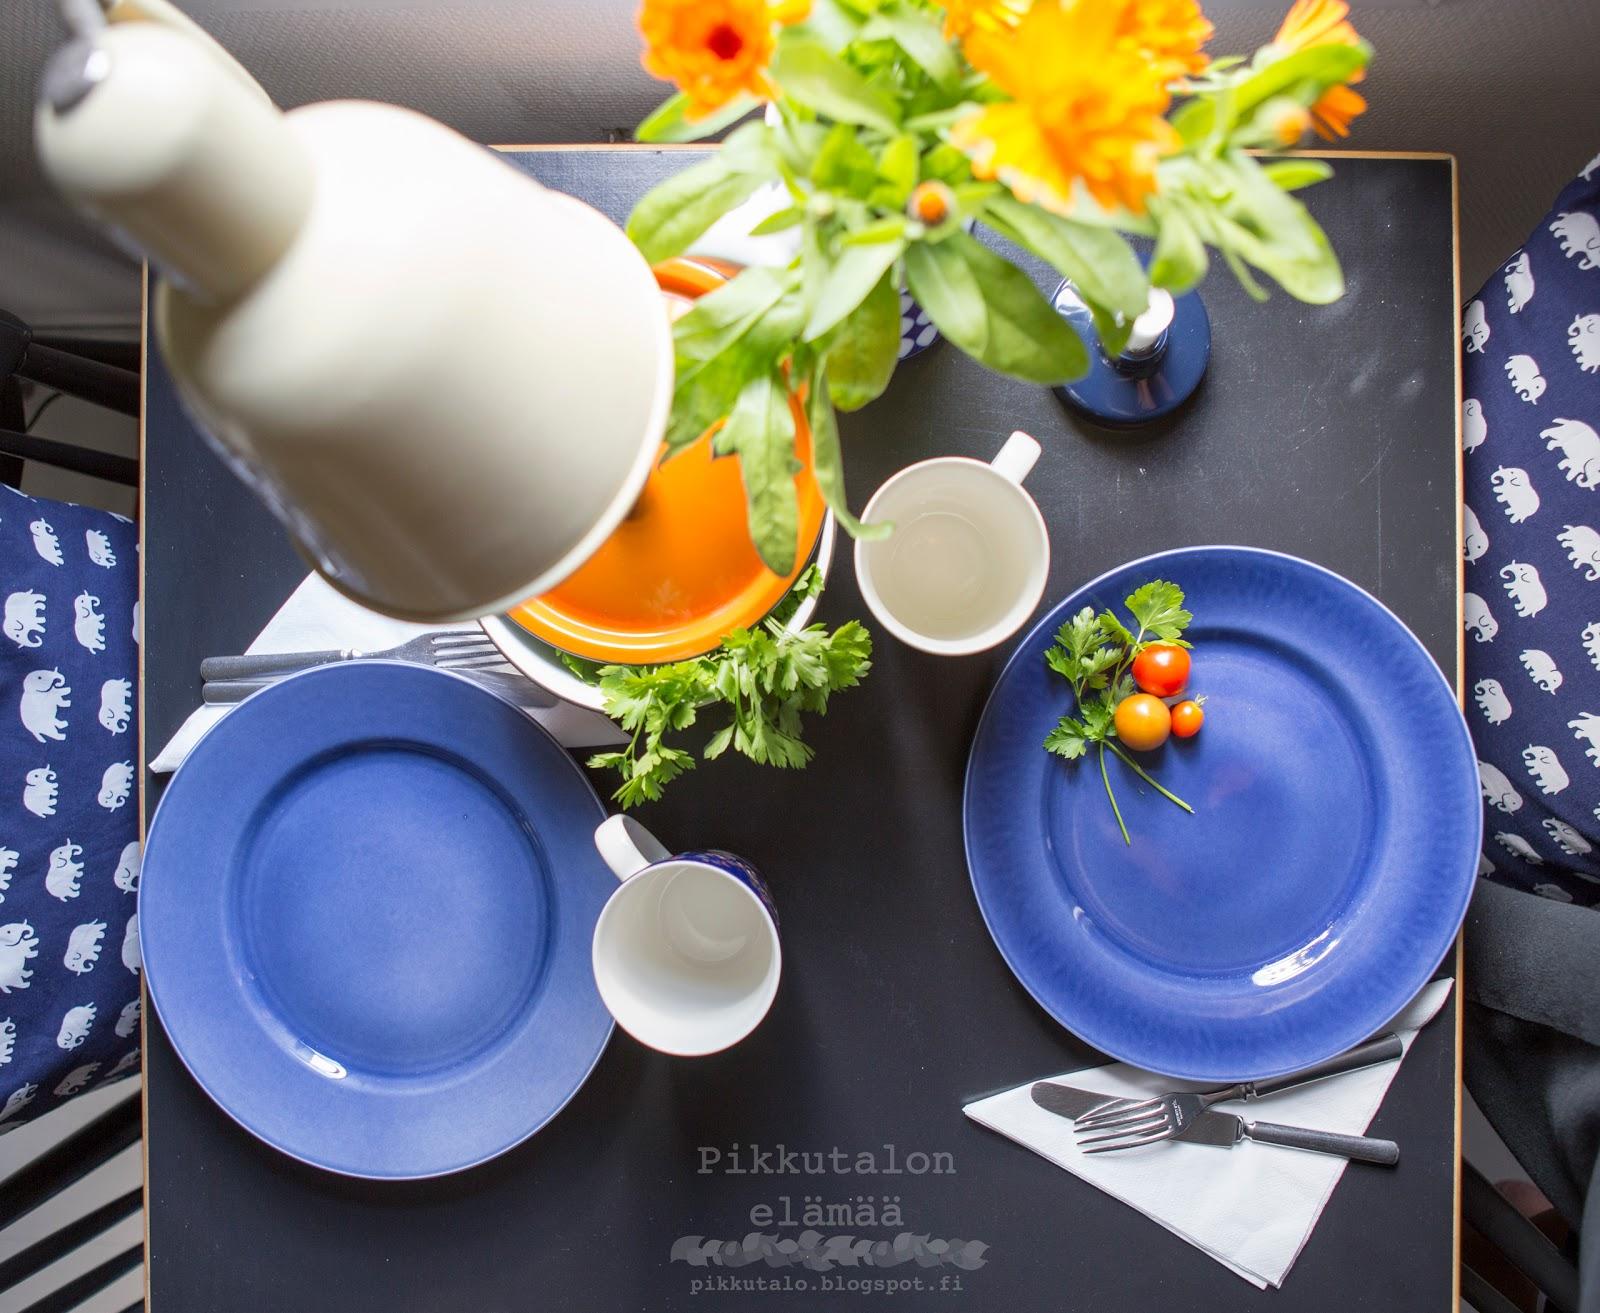 mustikansiniset lautaset myytävänä gustafsberg